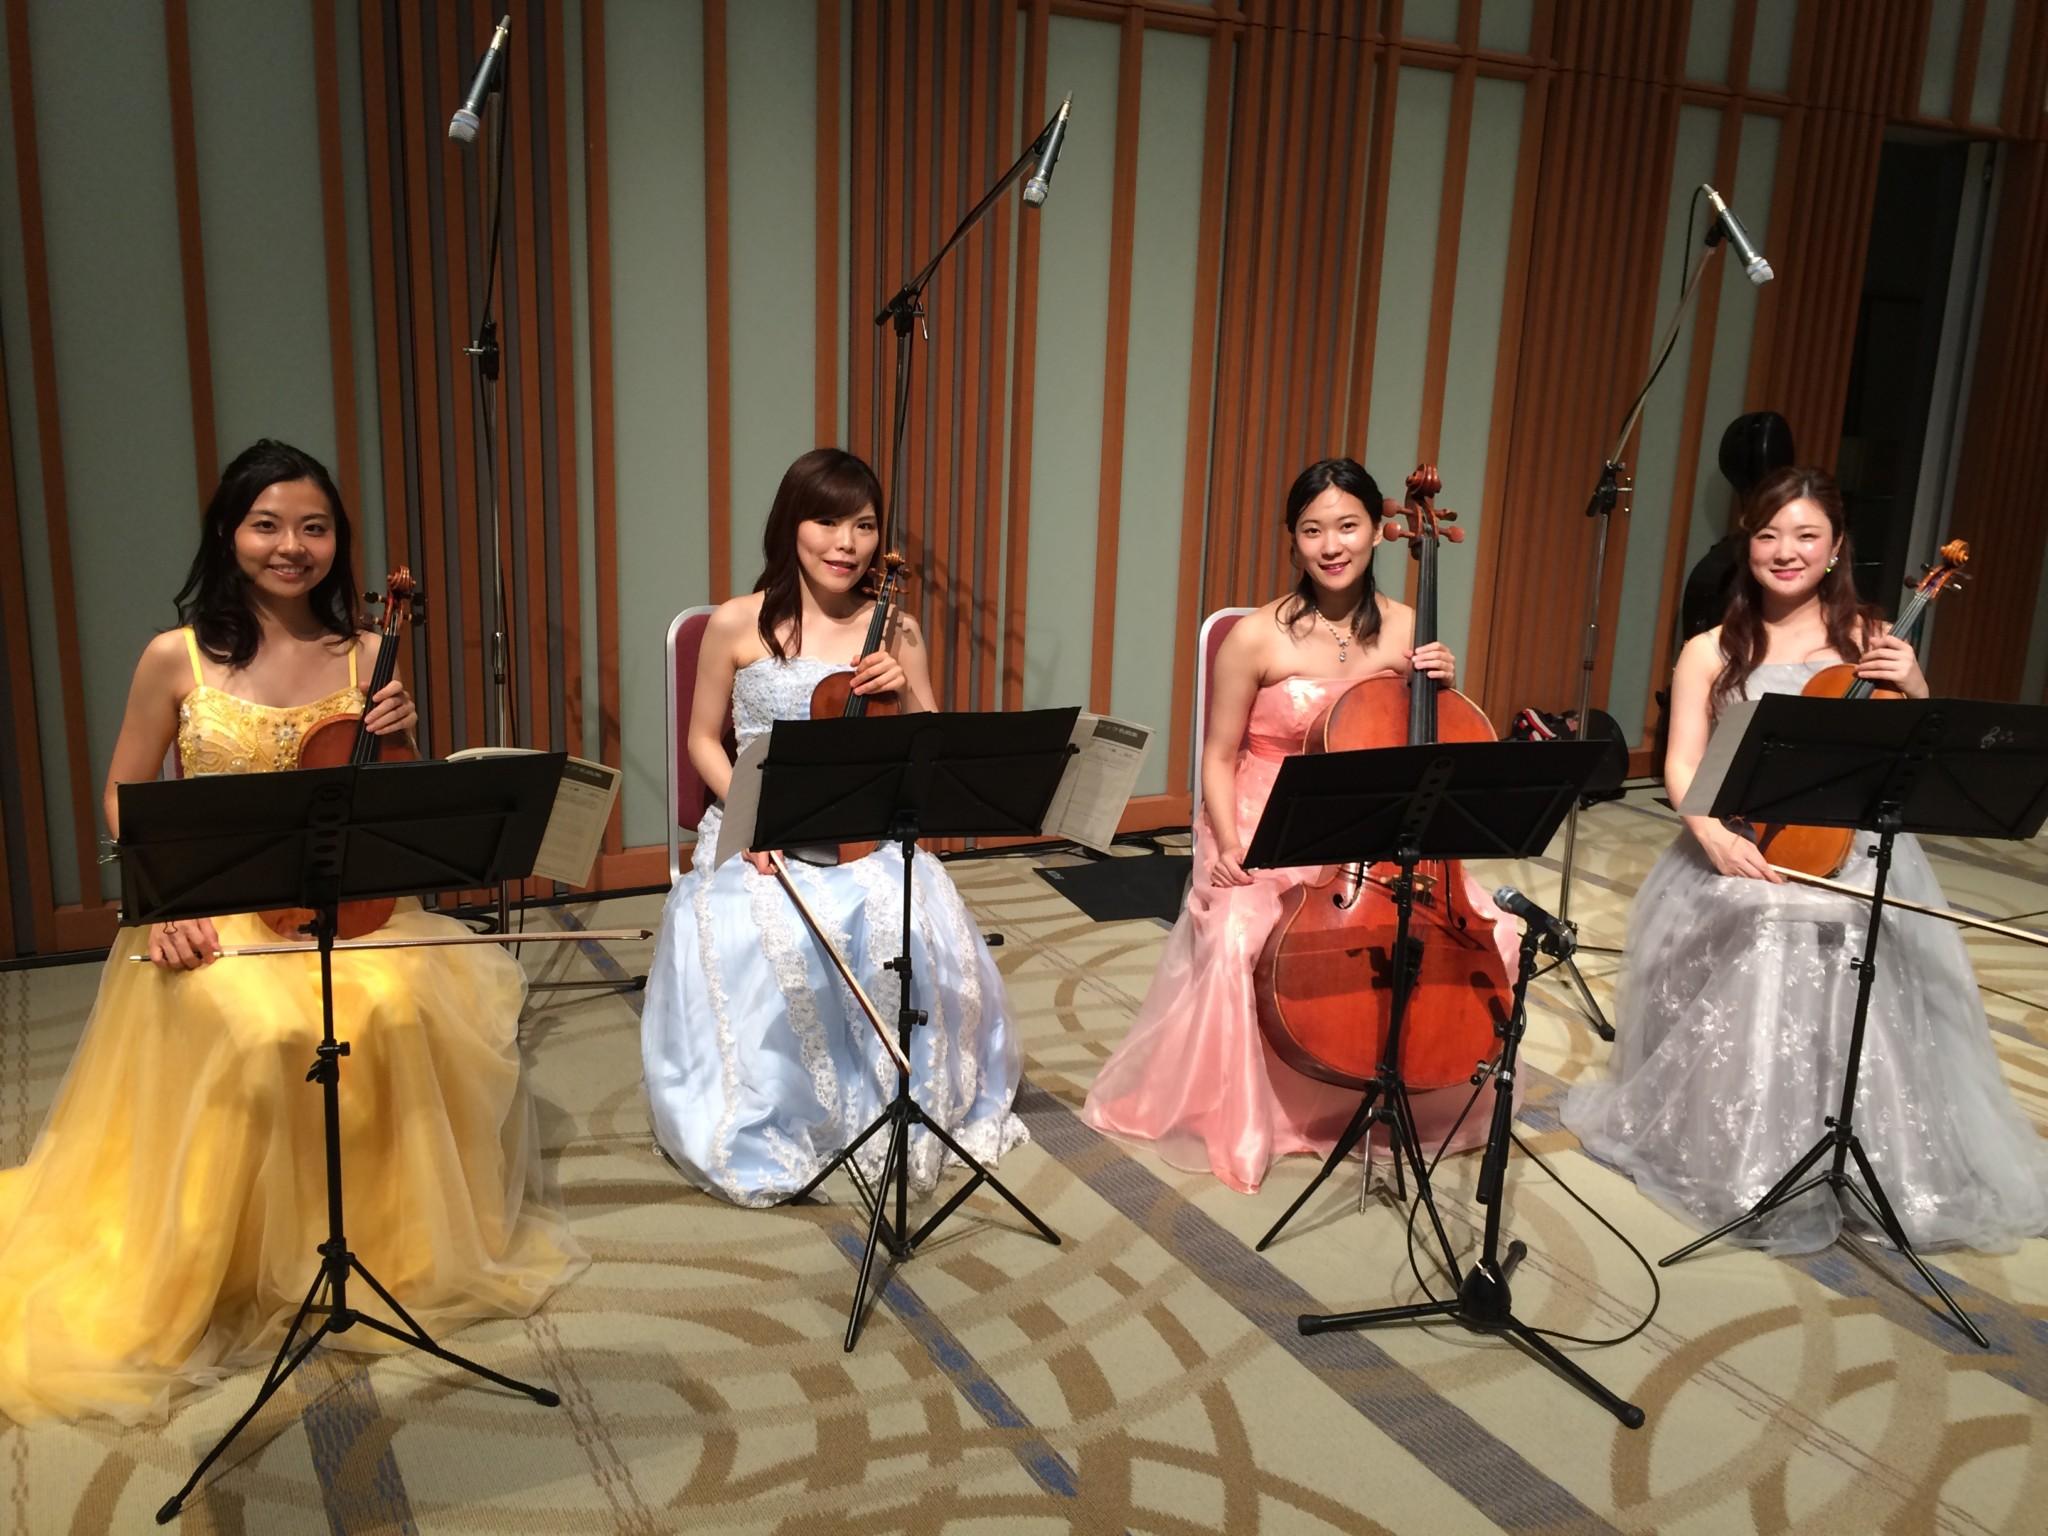 弦楽カルテットでオールクラシック曲を演奏しました